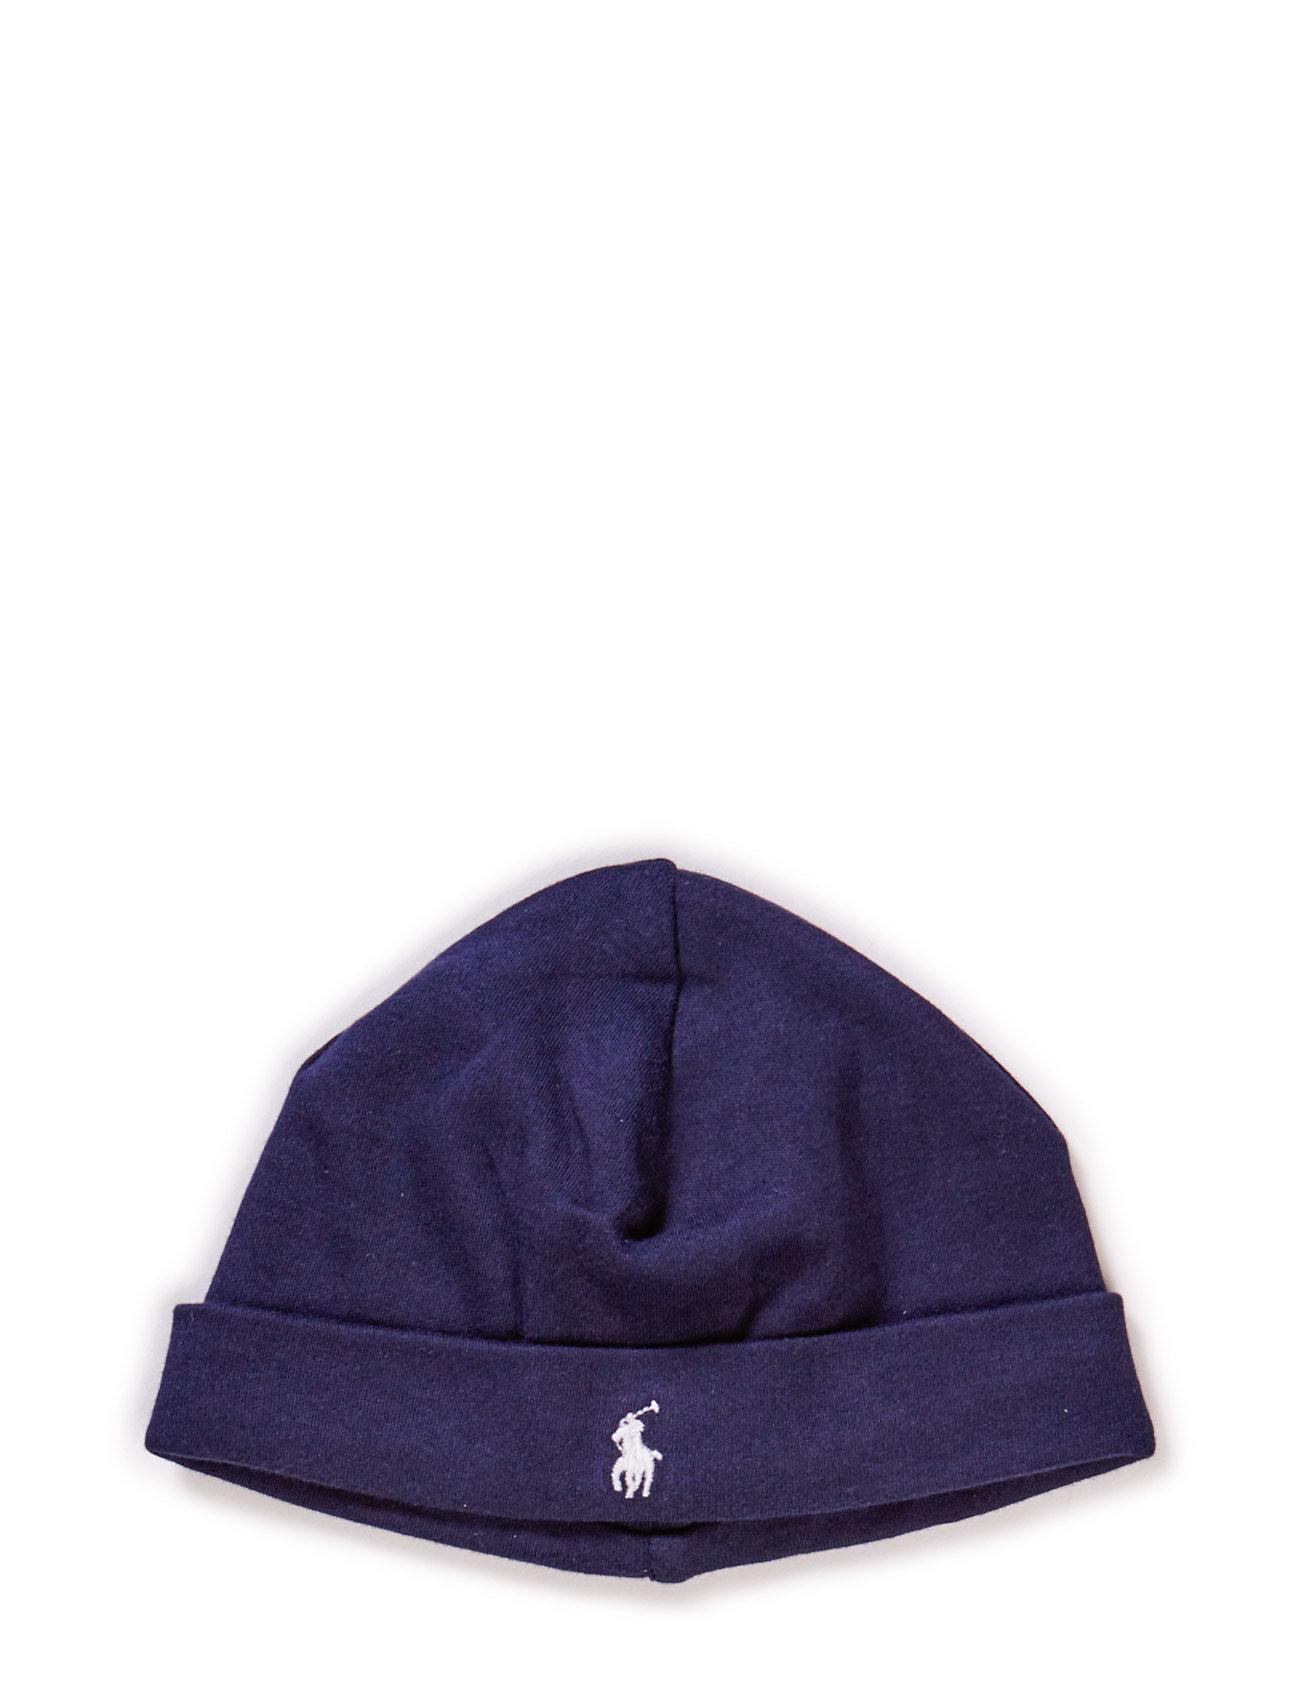 Ralph Lauren Baby Cotton Interlock Hat - FRENCH NAVY